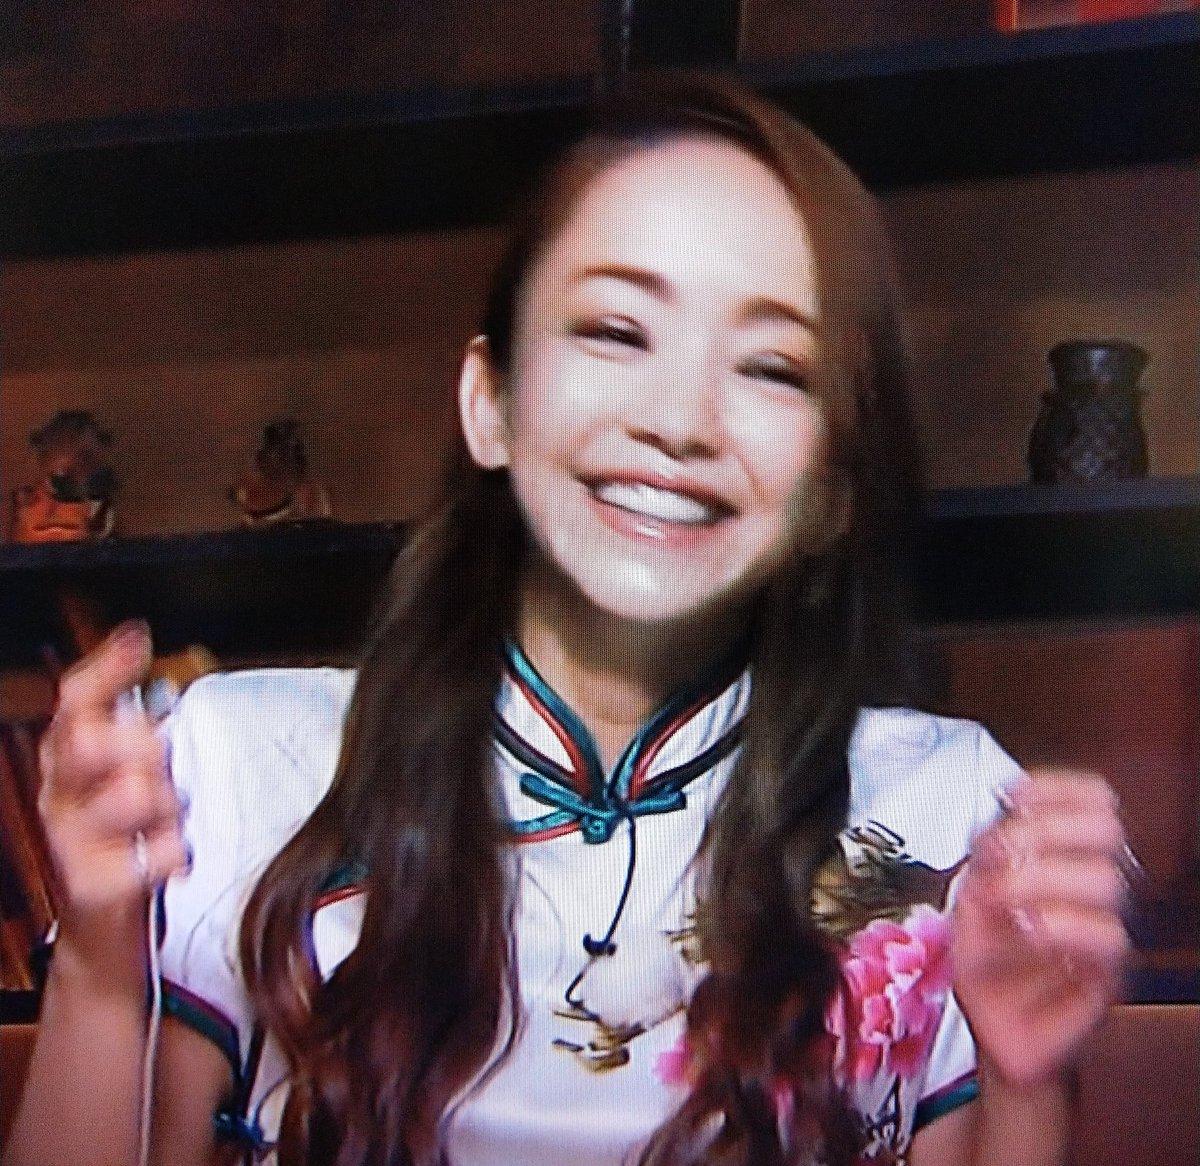 test ツイッターメディア - 朝から久しぶりにイッテQ!安室ちゃんSPを見ました~!安室ちゃんの笑顔はホントに可愛くて綺麗でいつでも癒される✨ついついこっちまで笑顔にさせられる😊笑顔で始まった1日は気分がいい~♪この笑顔を引き出したイッテQ!とイモトさんに感謝😆 https://t.co/WfxOaArAUX